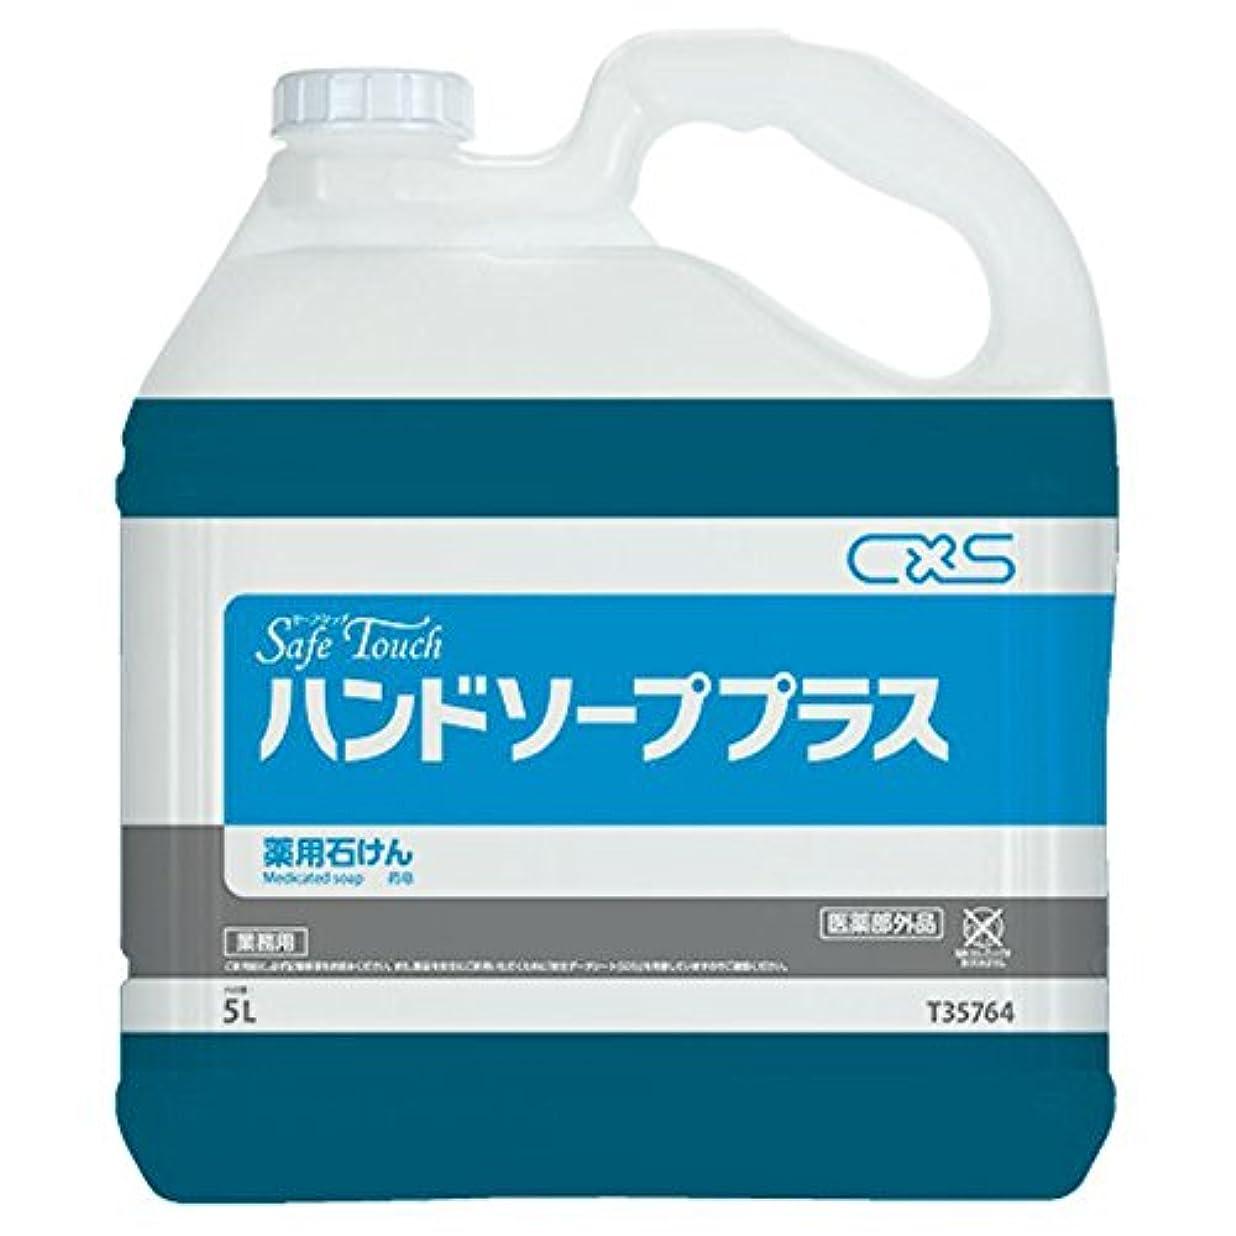 年金受給者マオリ野ウサギシーバイエス(C×S) 手洗い用石鹸 セーフタッチハンドソーププラス 5L